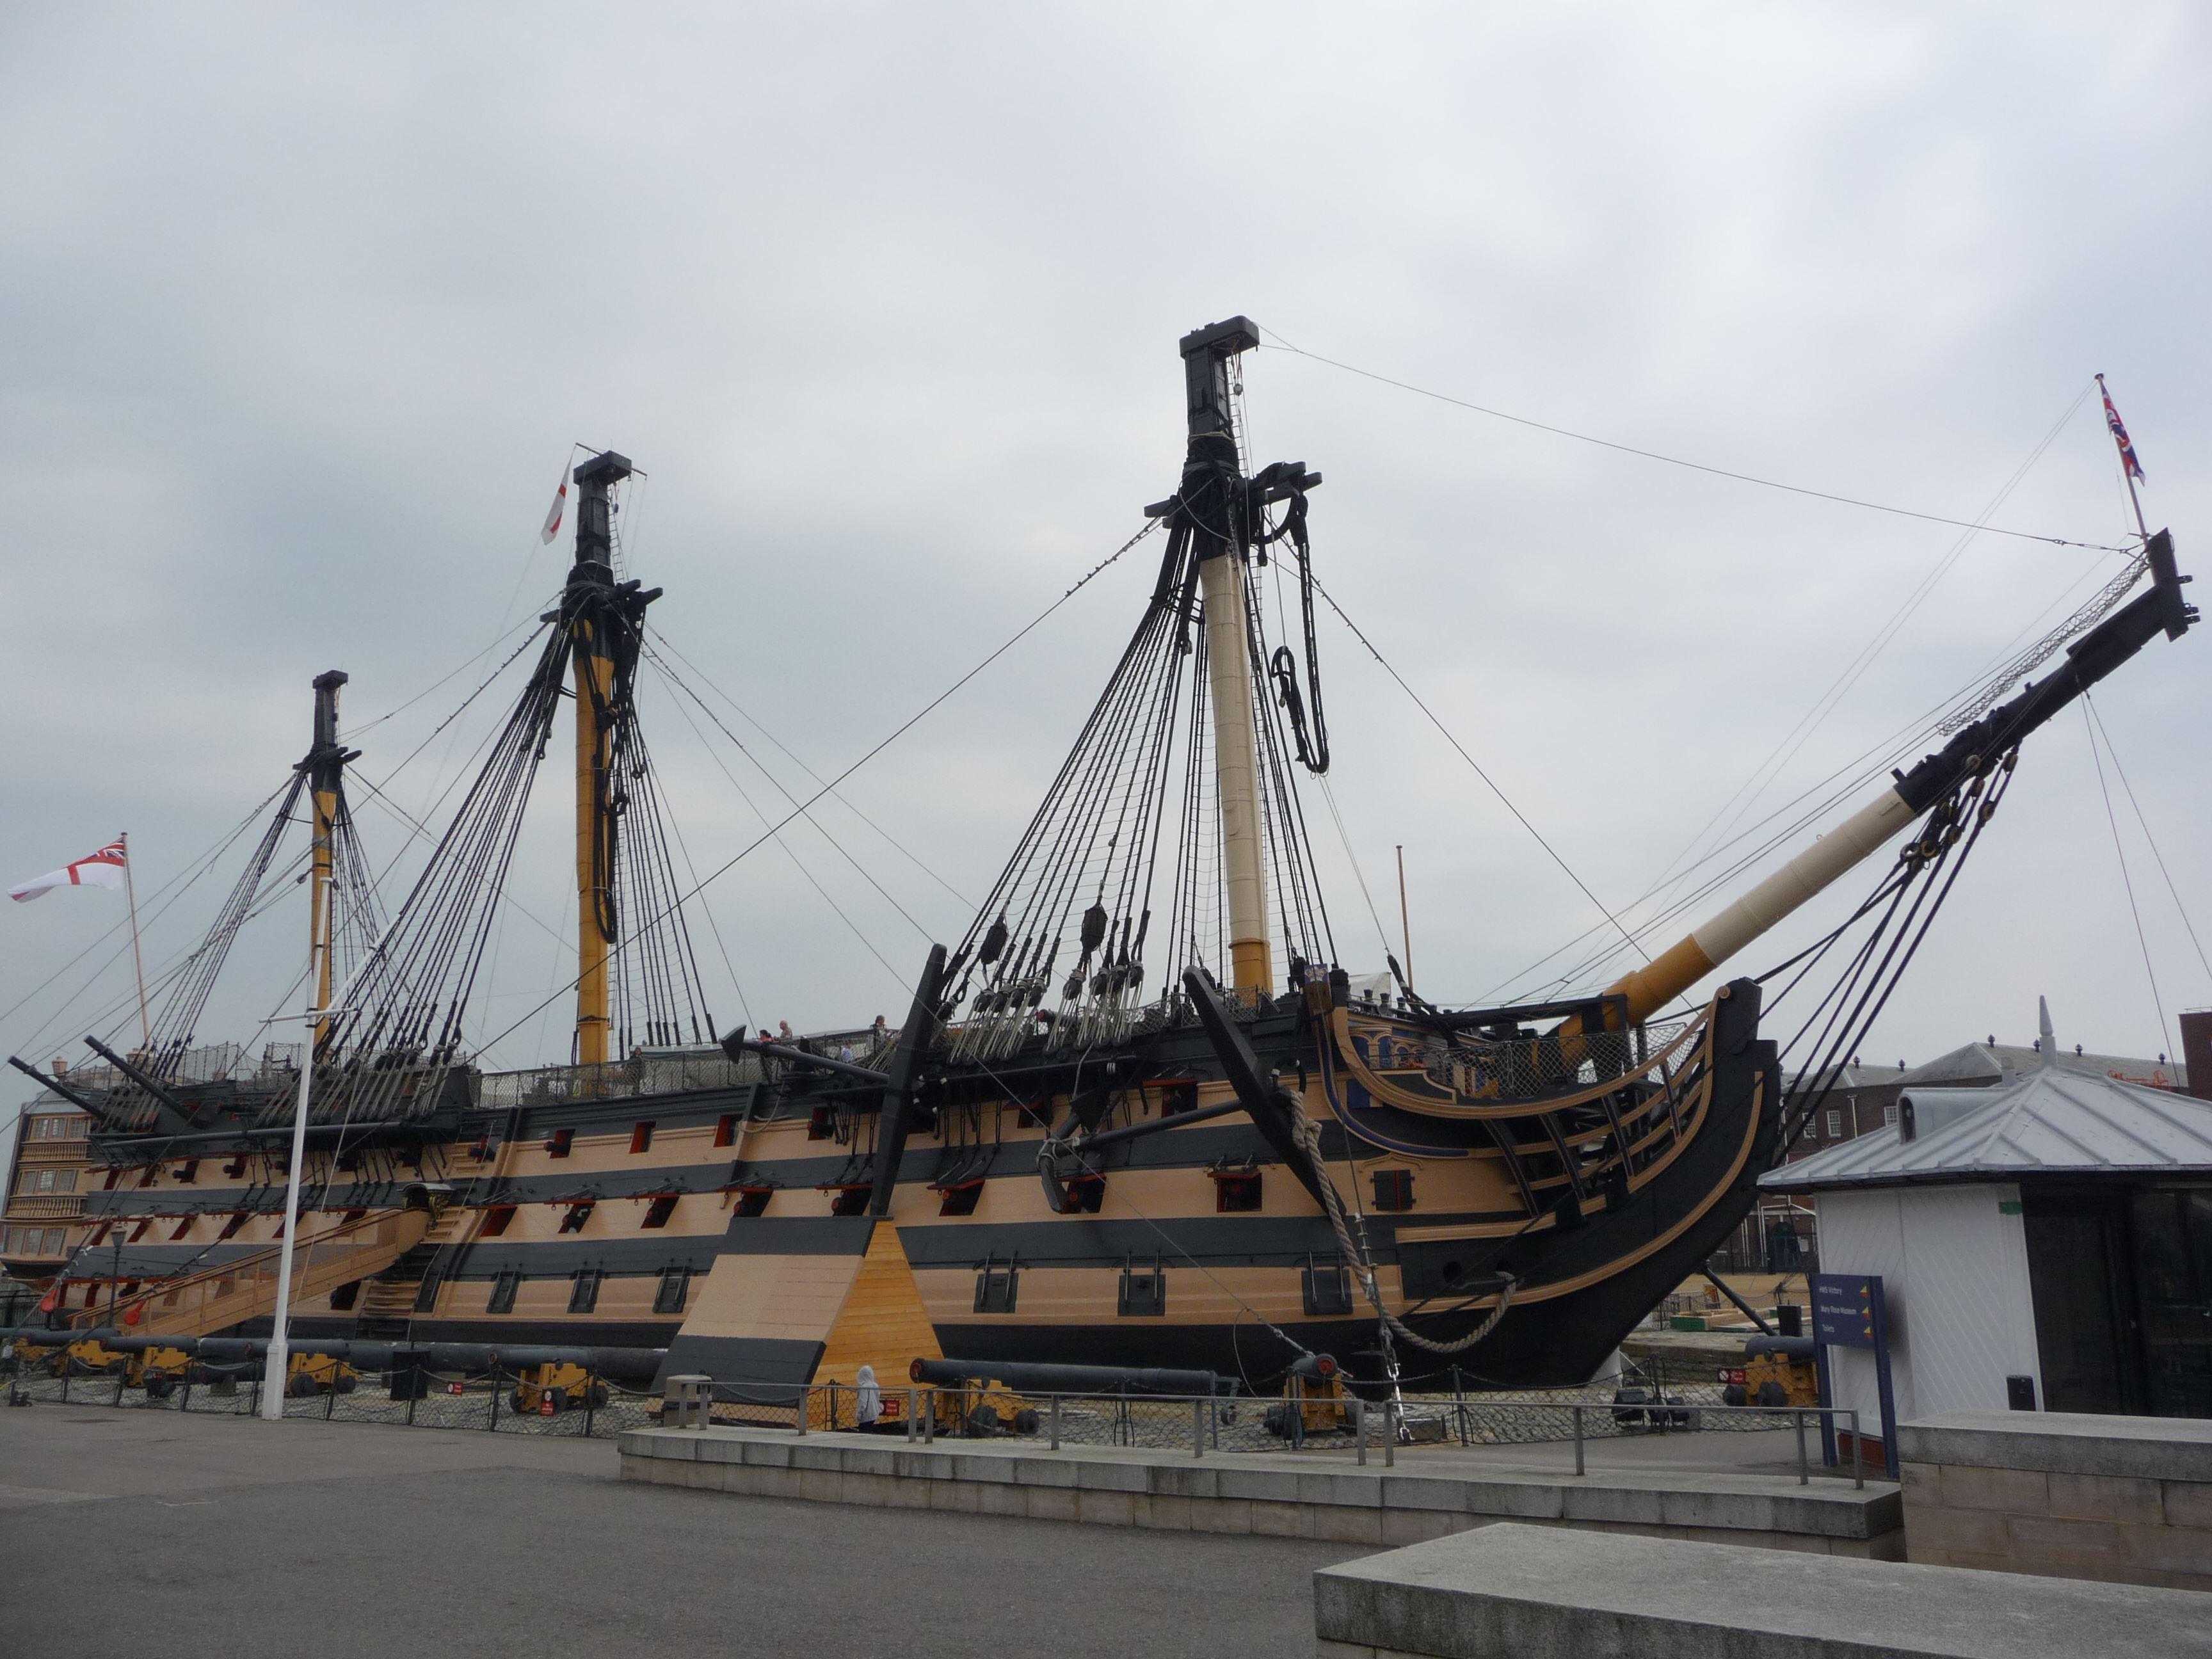 Marcus Bernhardsson,  © Marcus Bernhardsson, Söndagen den 10 juni år 1810 anlände det brittiska amiralitetets stolthet, HMS Victory, Hanö åtföljd av en stor flotteskader. Fartyget sjösattes år 1765 och är nu, 252 år senare, fortfarande i tjänst.